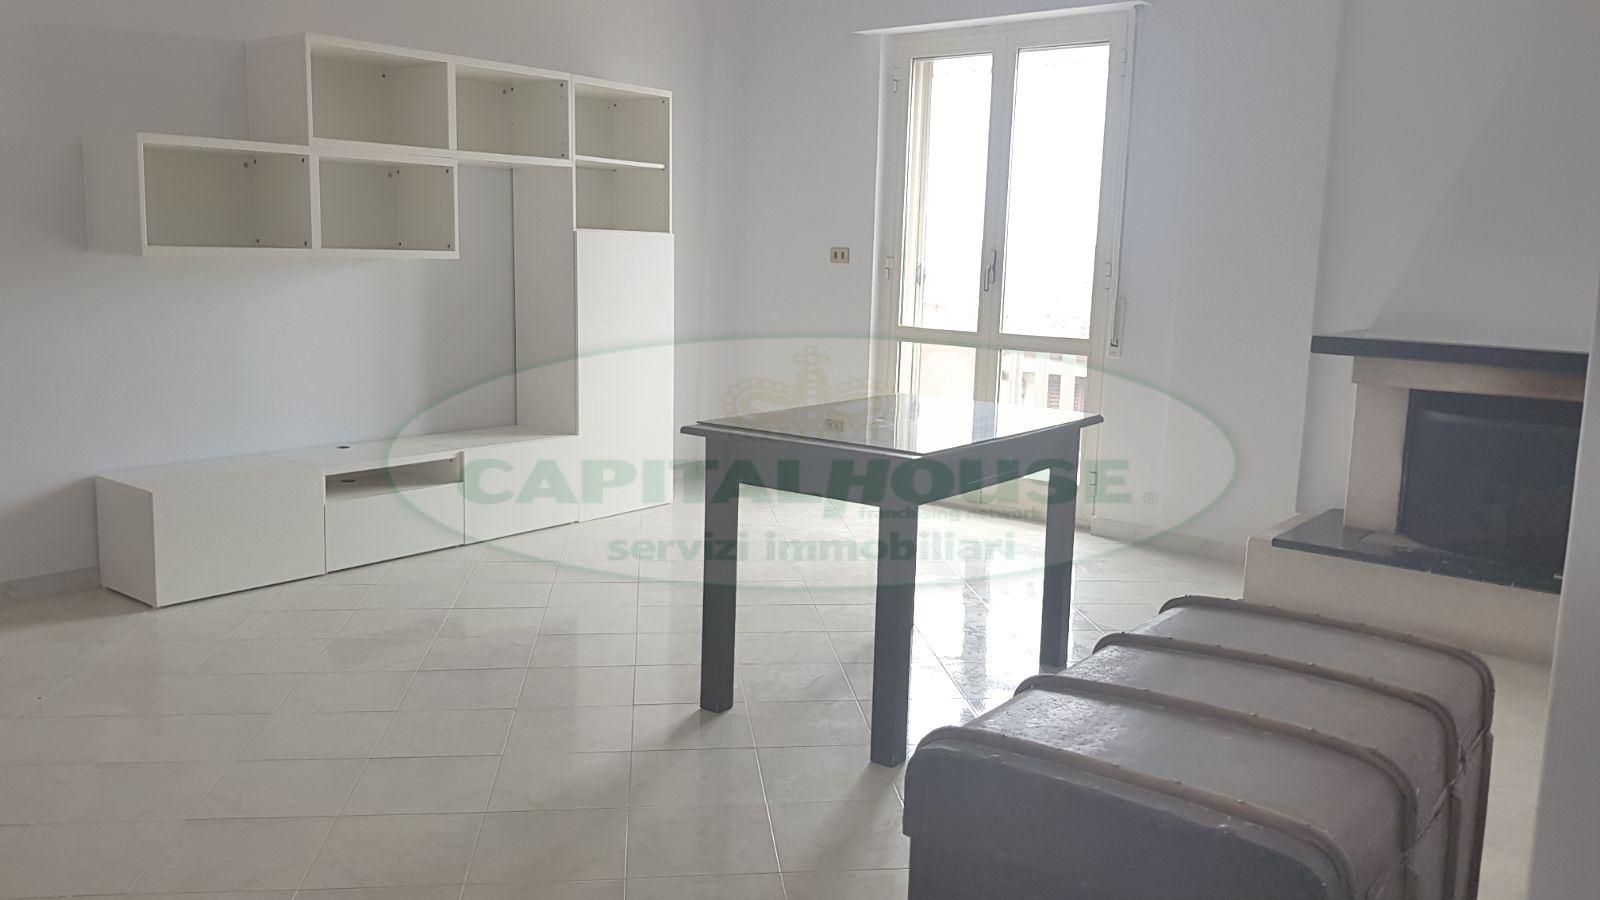 vendita appartamento caserta acquaviva  129000 euro  3 locali  85 mq